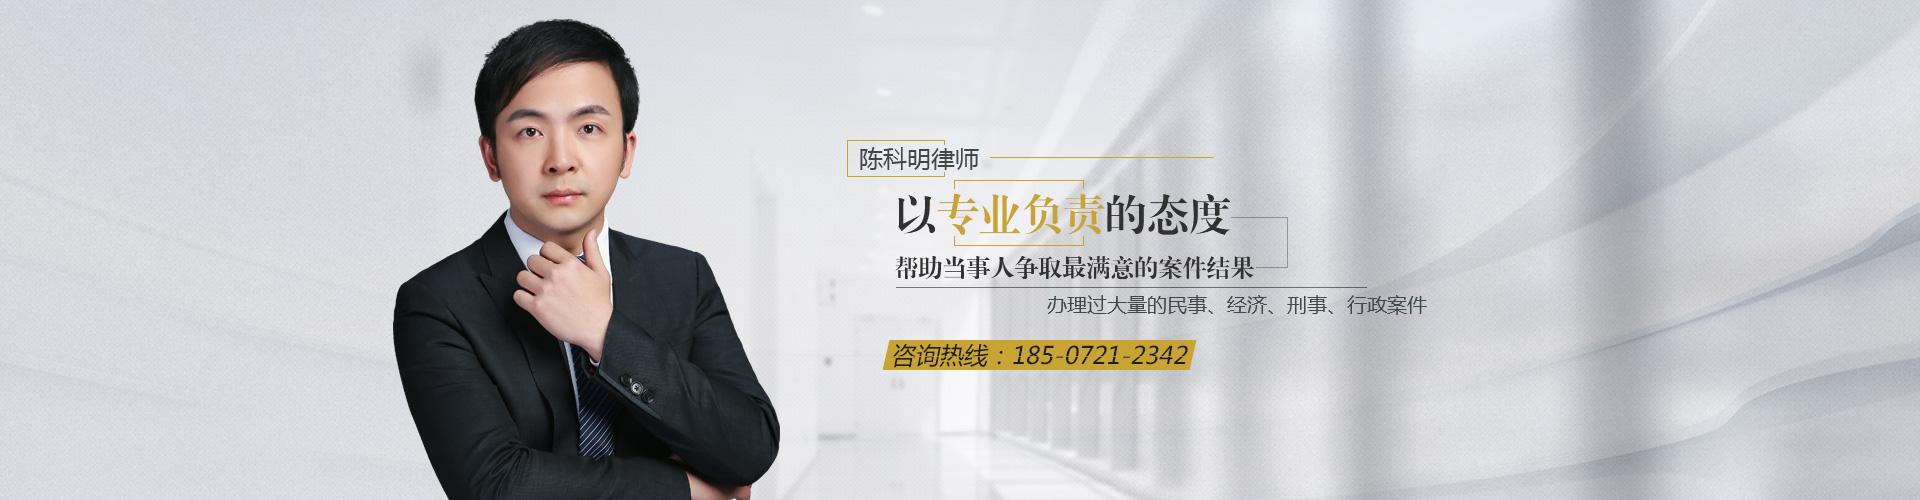 湖北陈科明律师